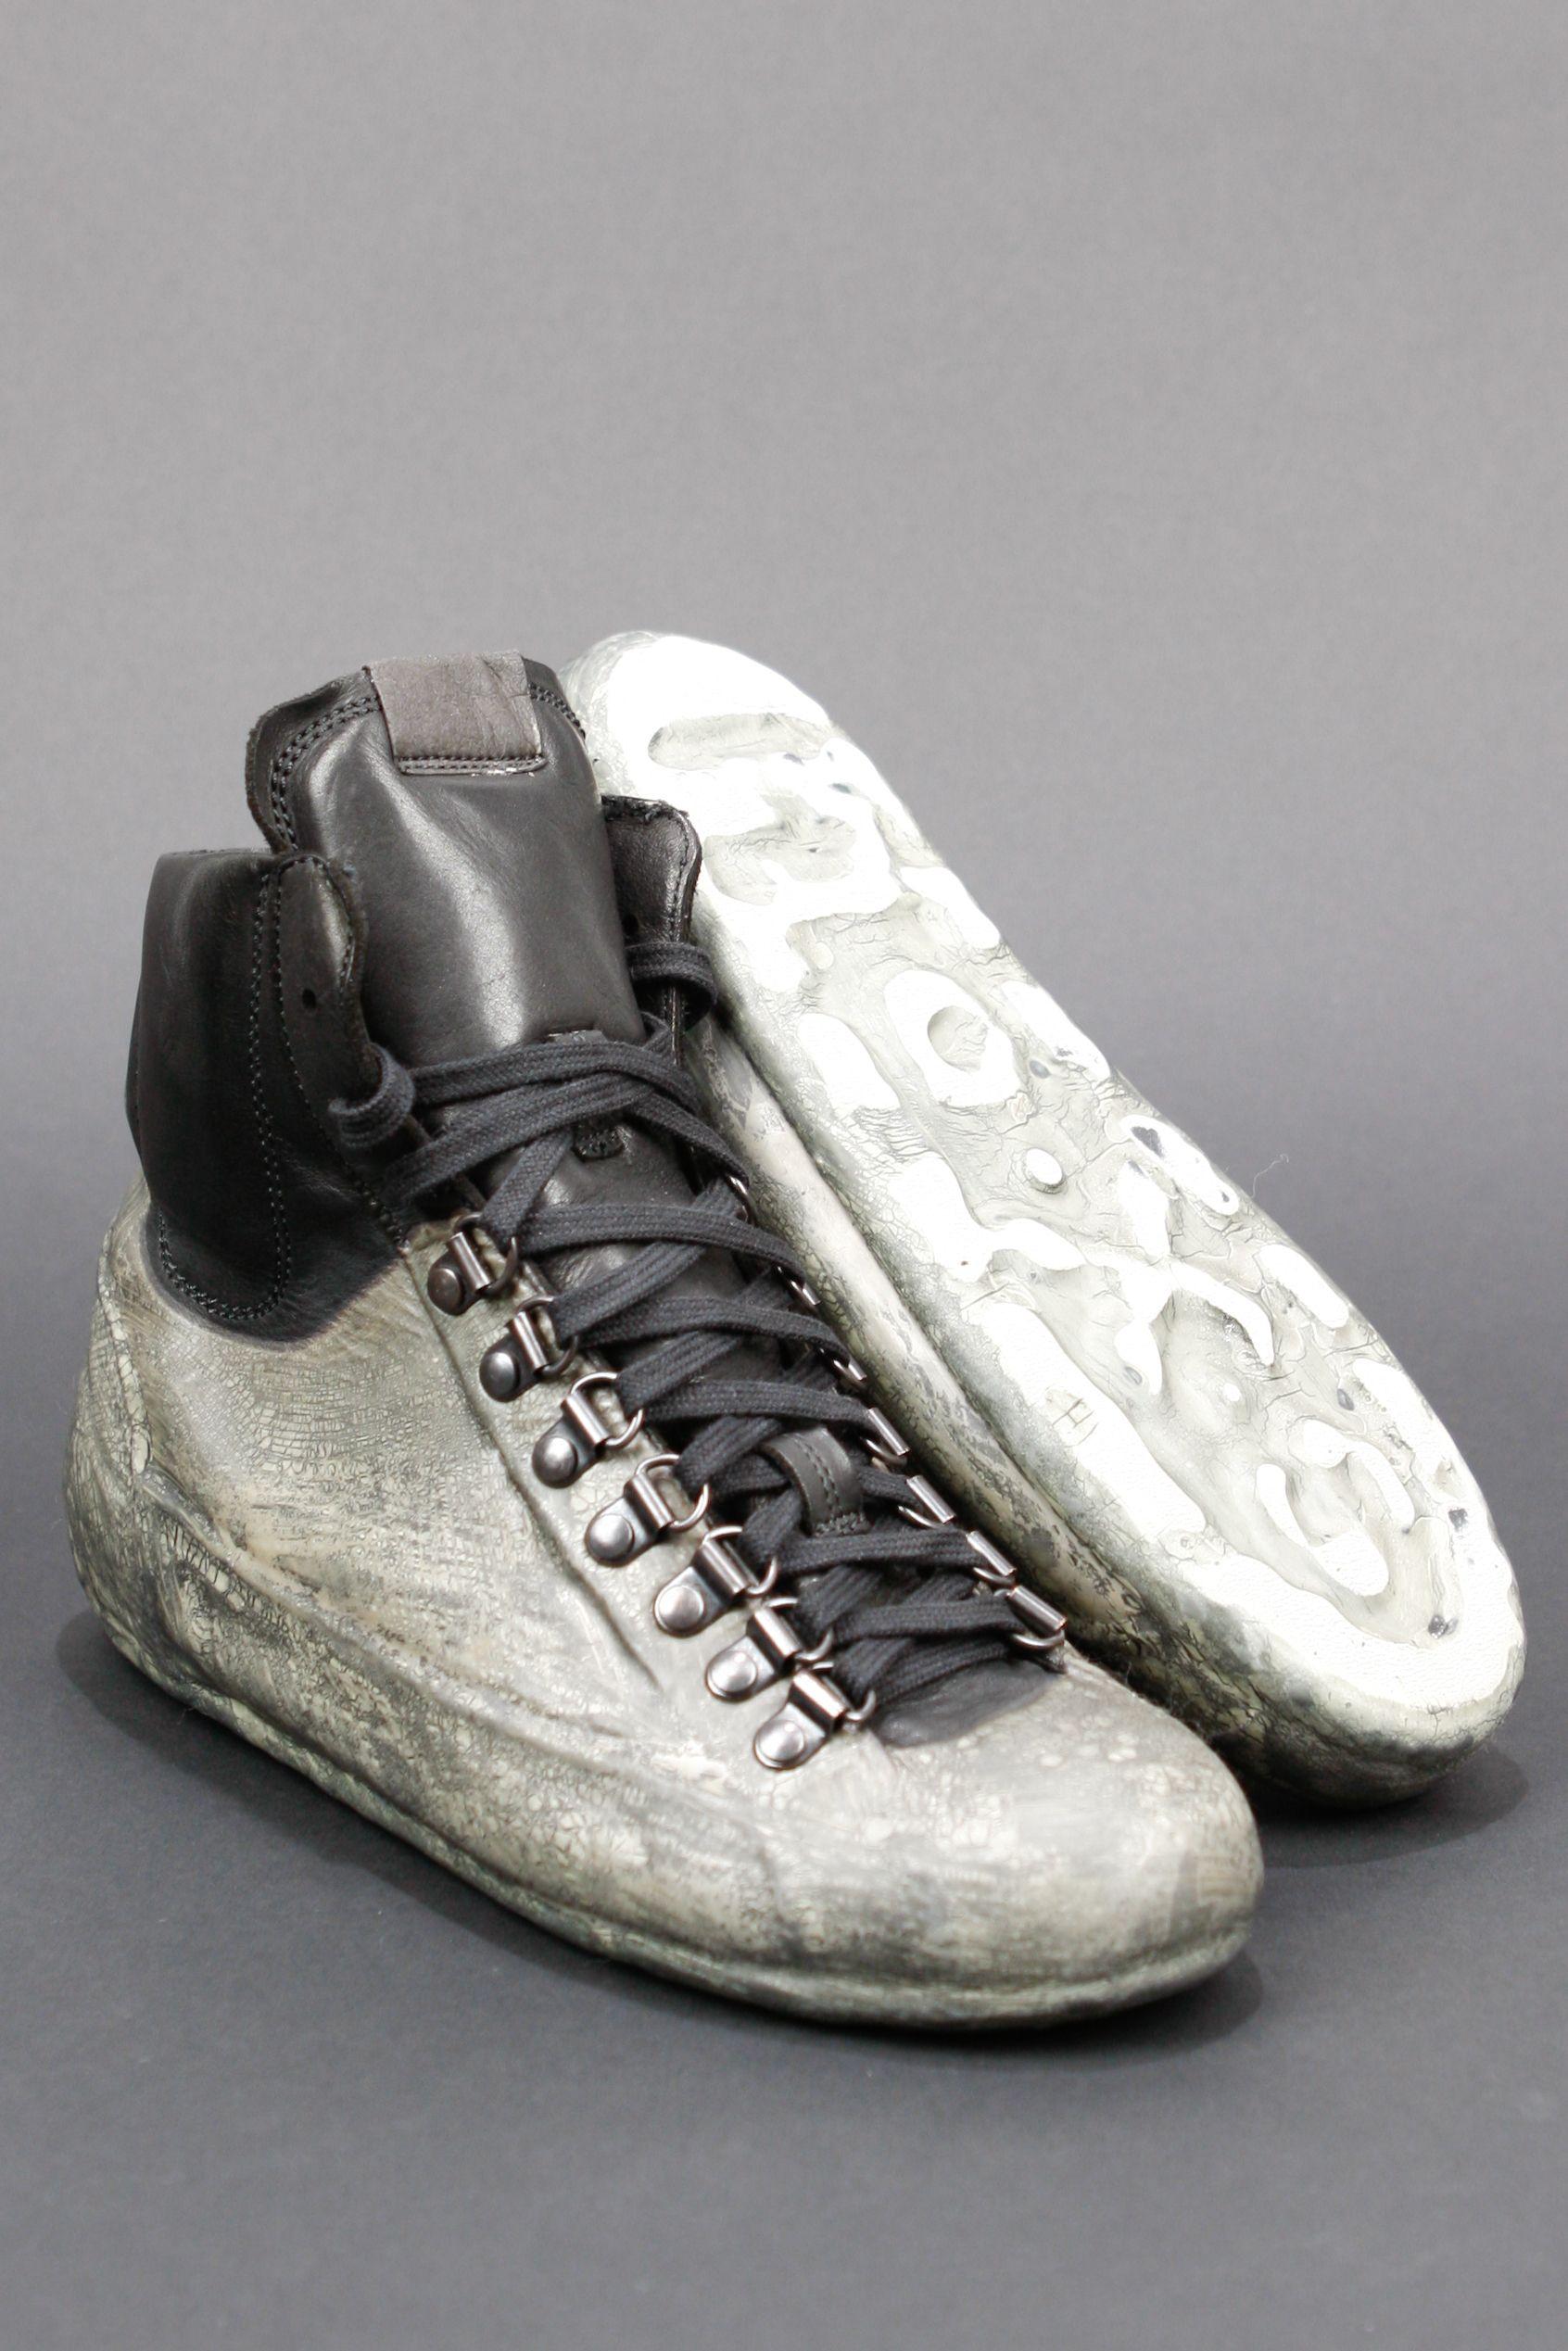 7b9f71ce60d4 Buy OXS Rubber Soul Shoes online: Shop Woman Shoes by OXS Rubber Soul